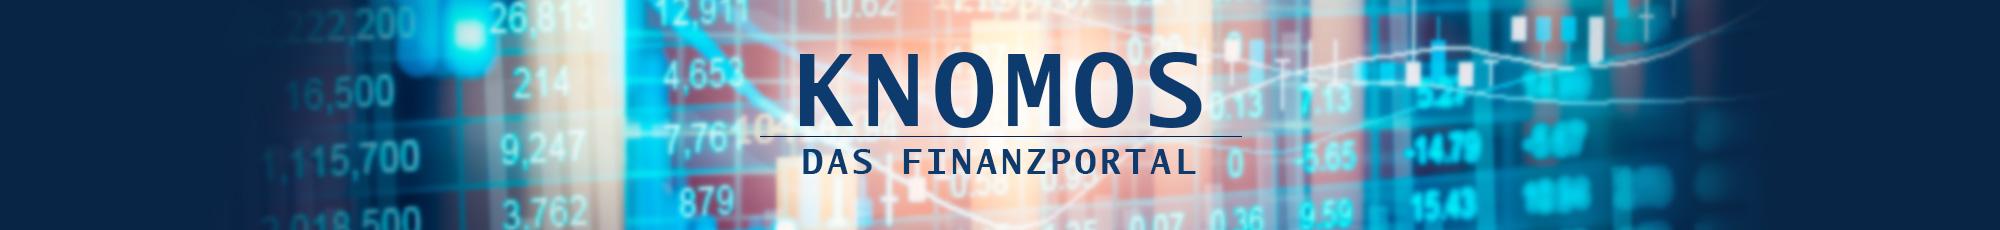 Knomos – das Finanzportal